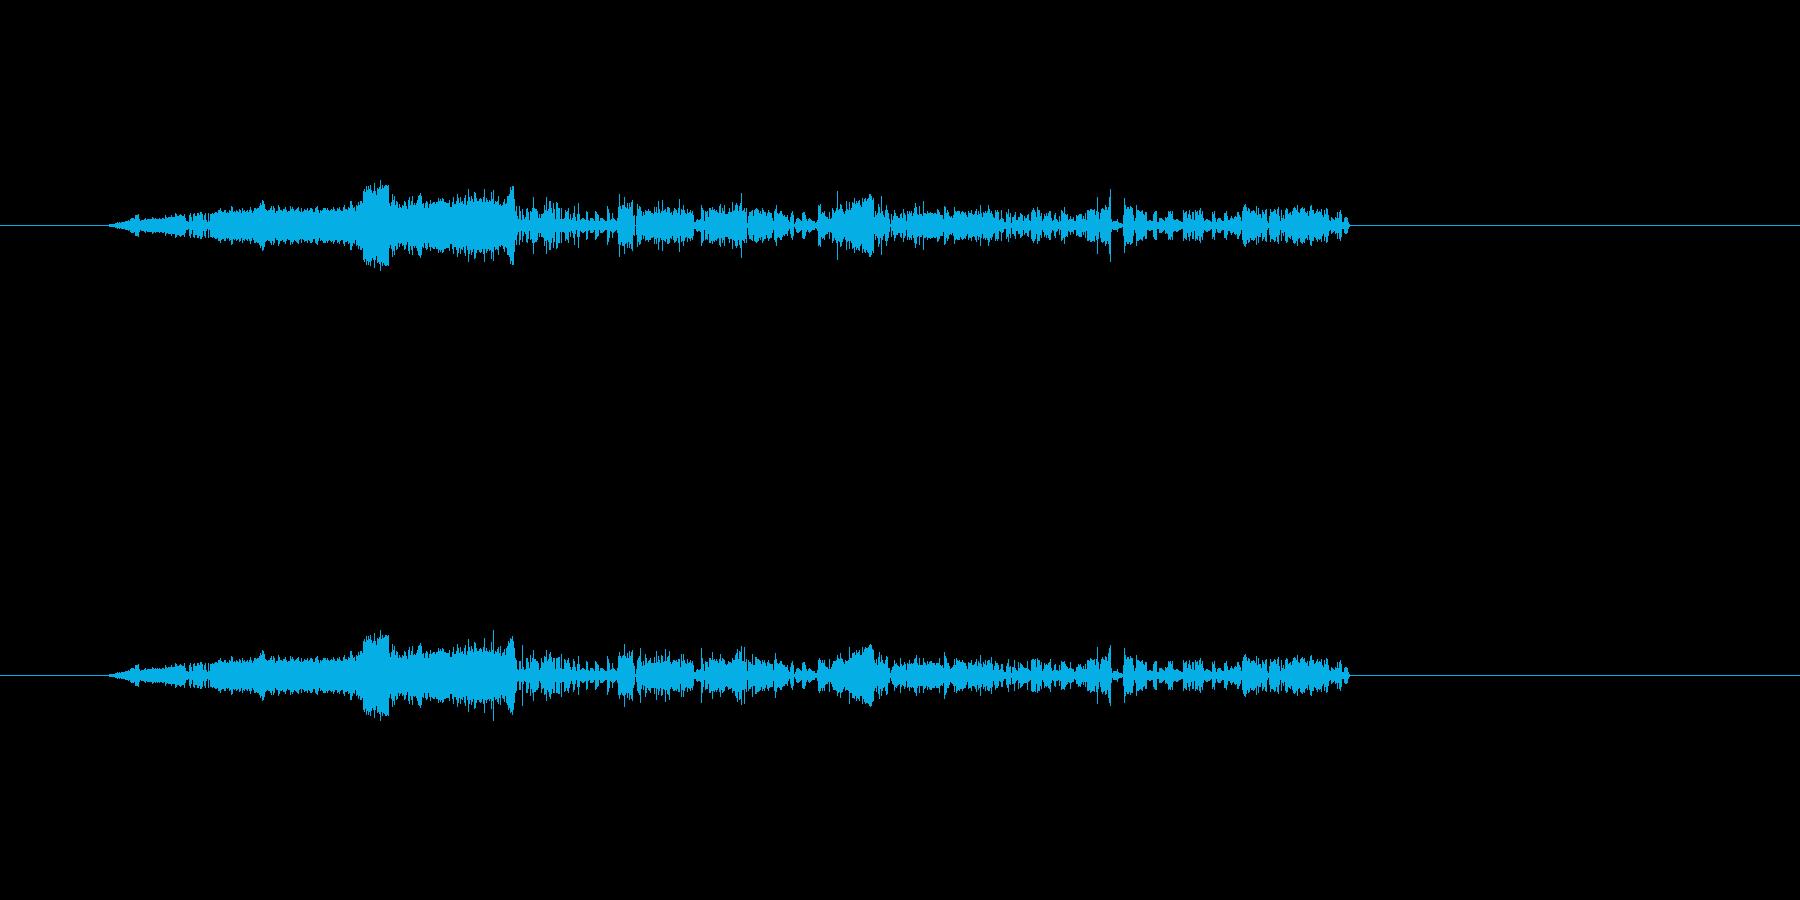 ノイズ(電気)の音の再生済みの波形